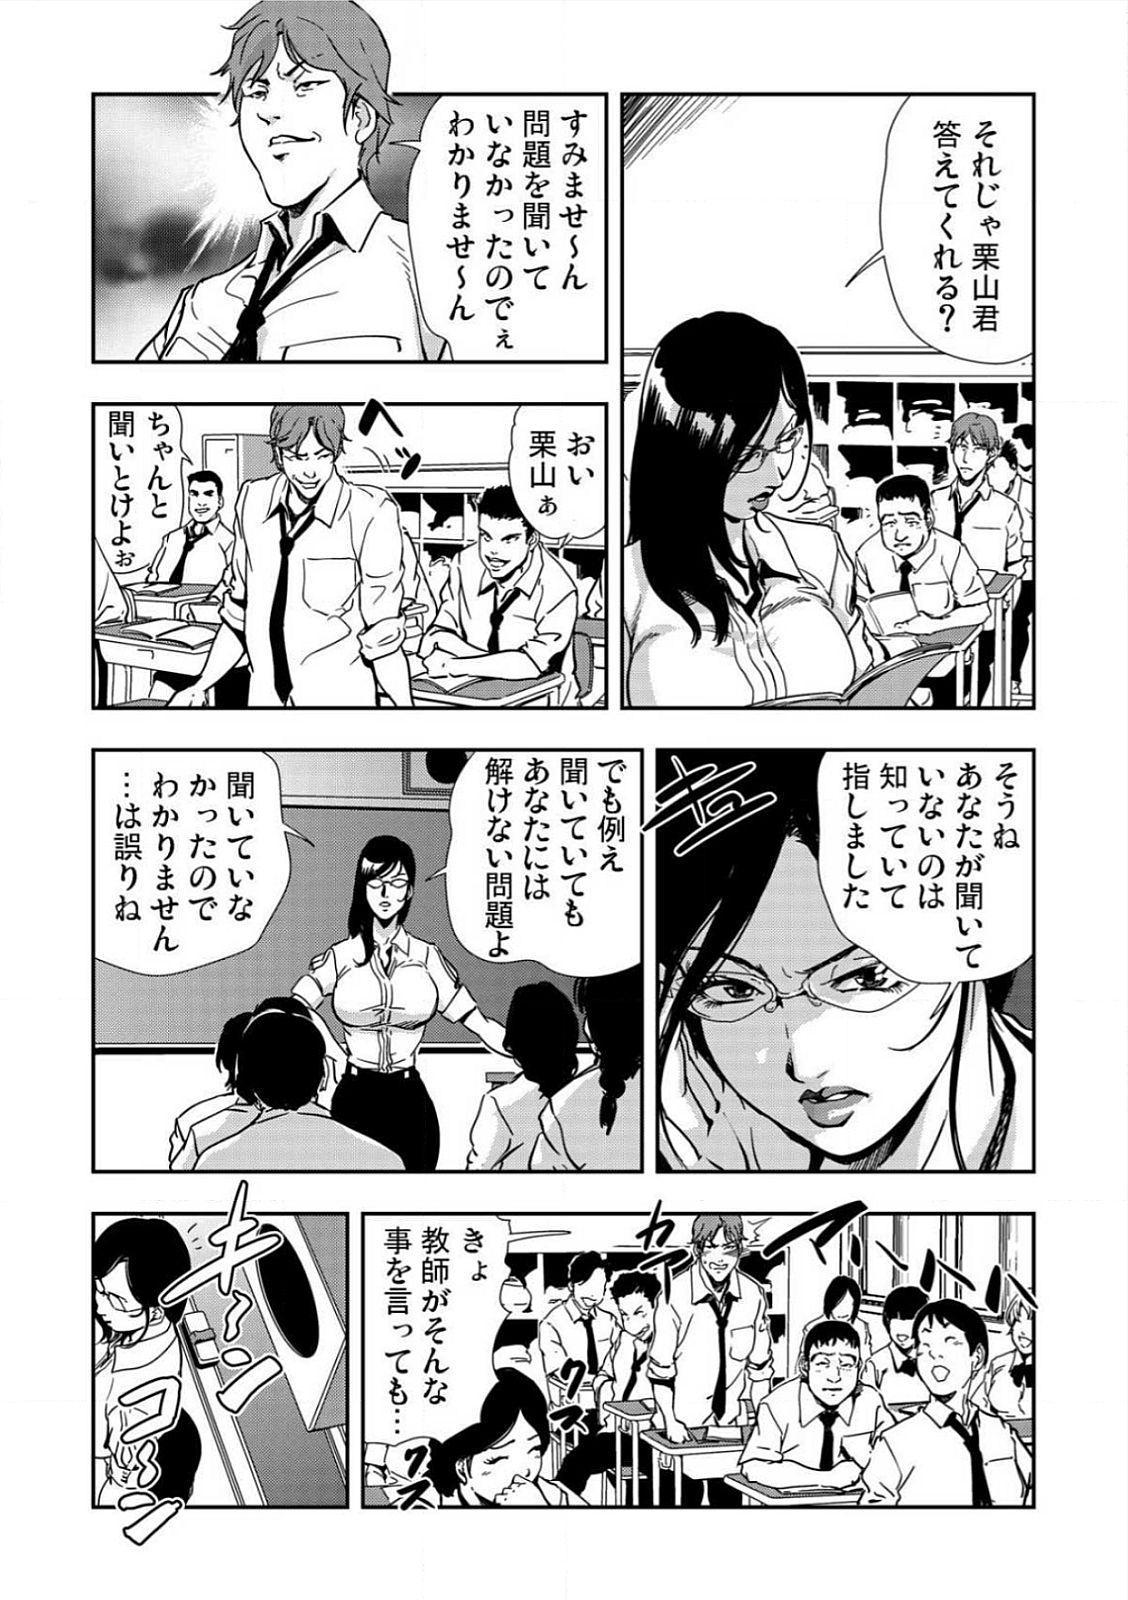 [Misaki Yukihiro] Kyousei Shidou ~Mechakucha ni Kegasarete~ (1)~(6) [Digital] 4